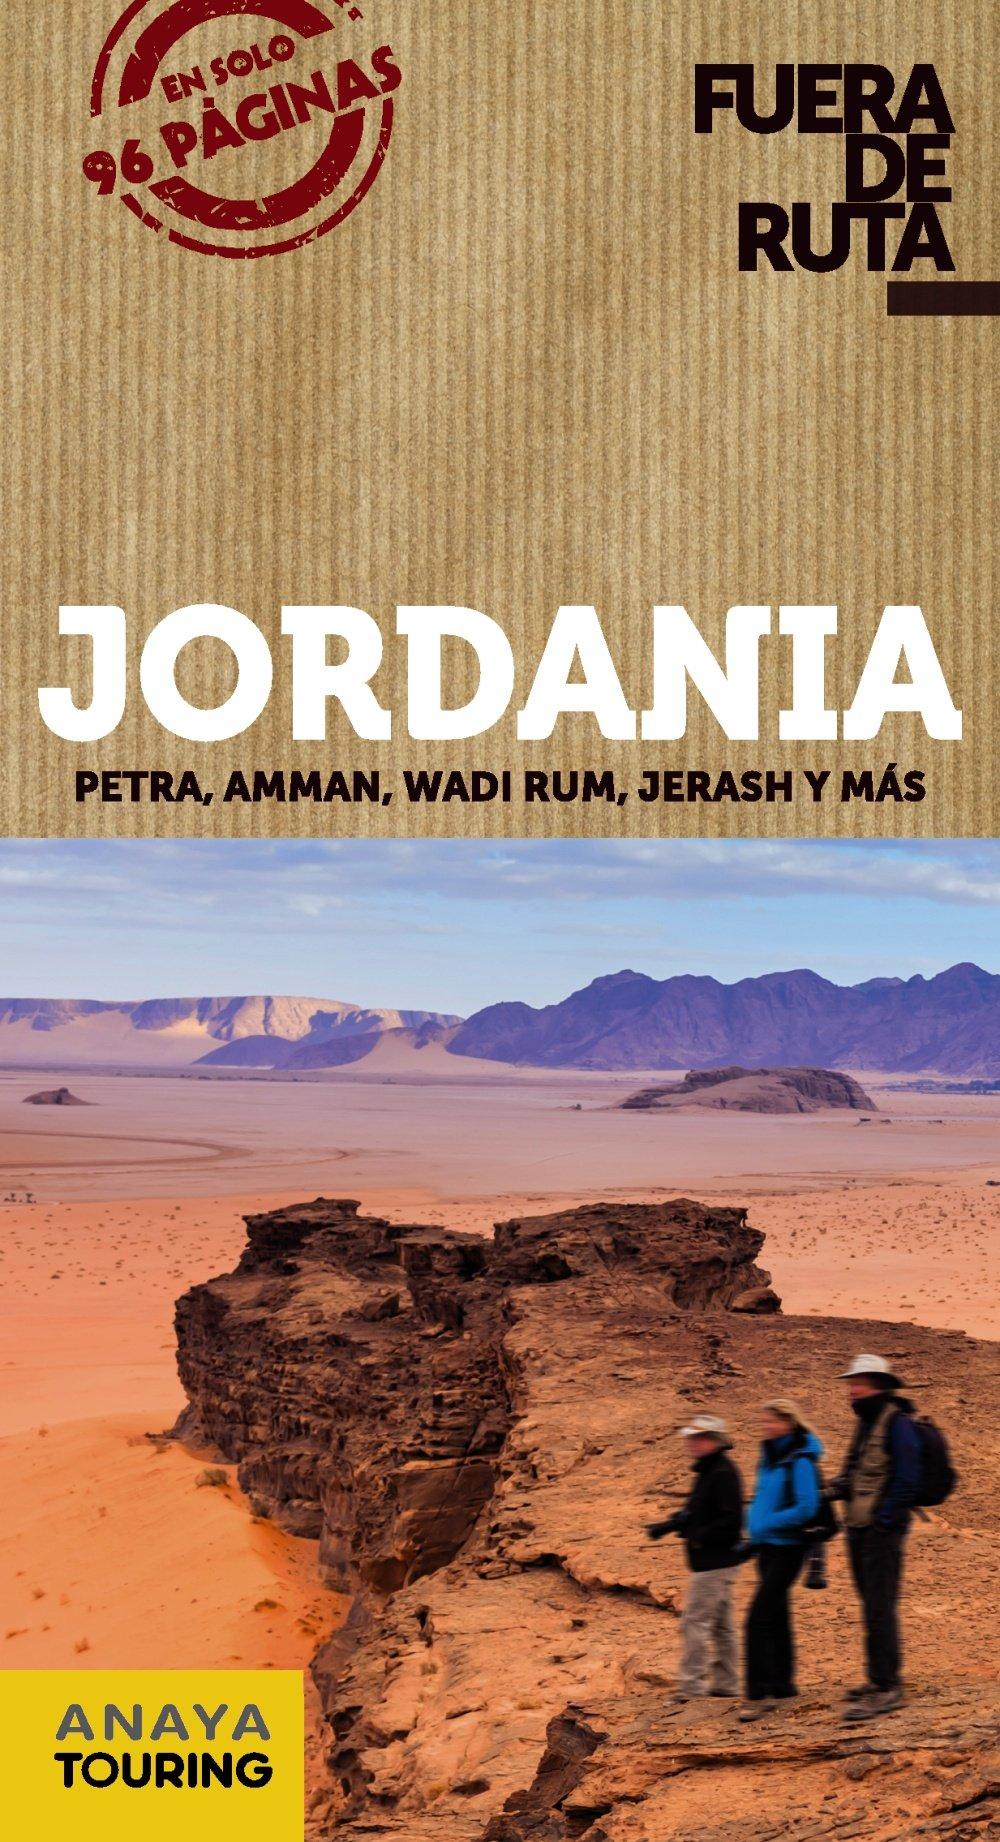 Jordania (Fuera De Ruta) 1